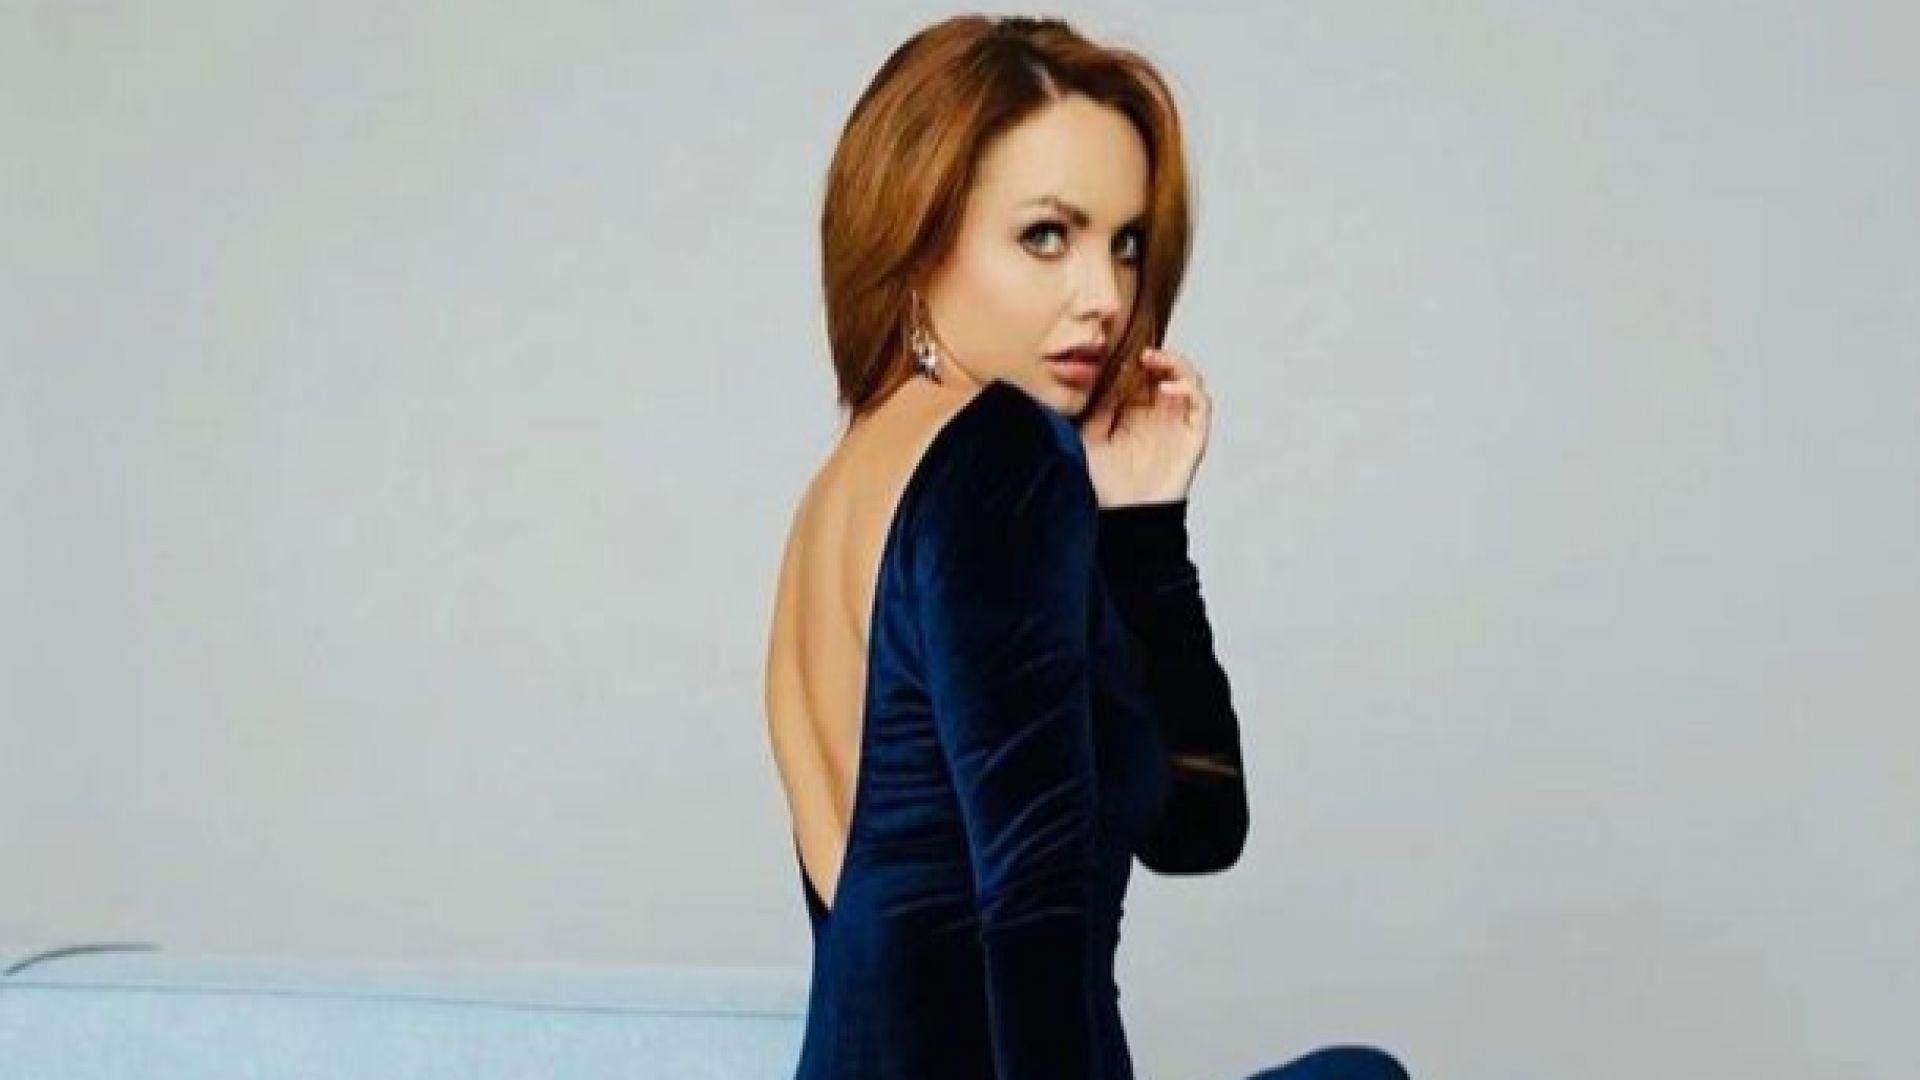 Руската певица МакSим излезе от covid кома, вече диша самостоятелно